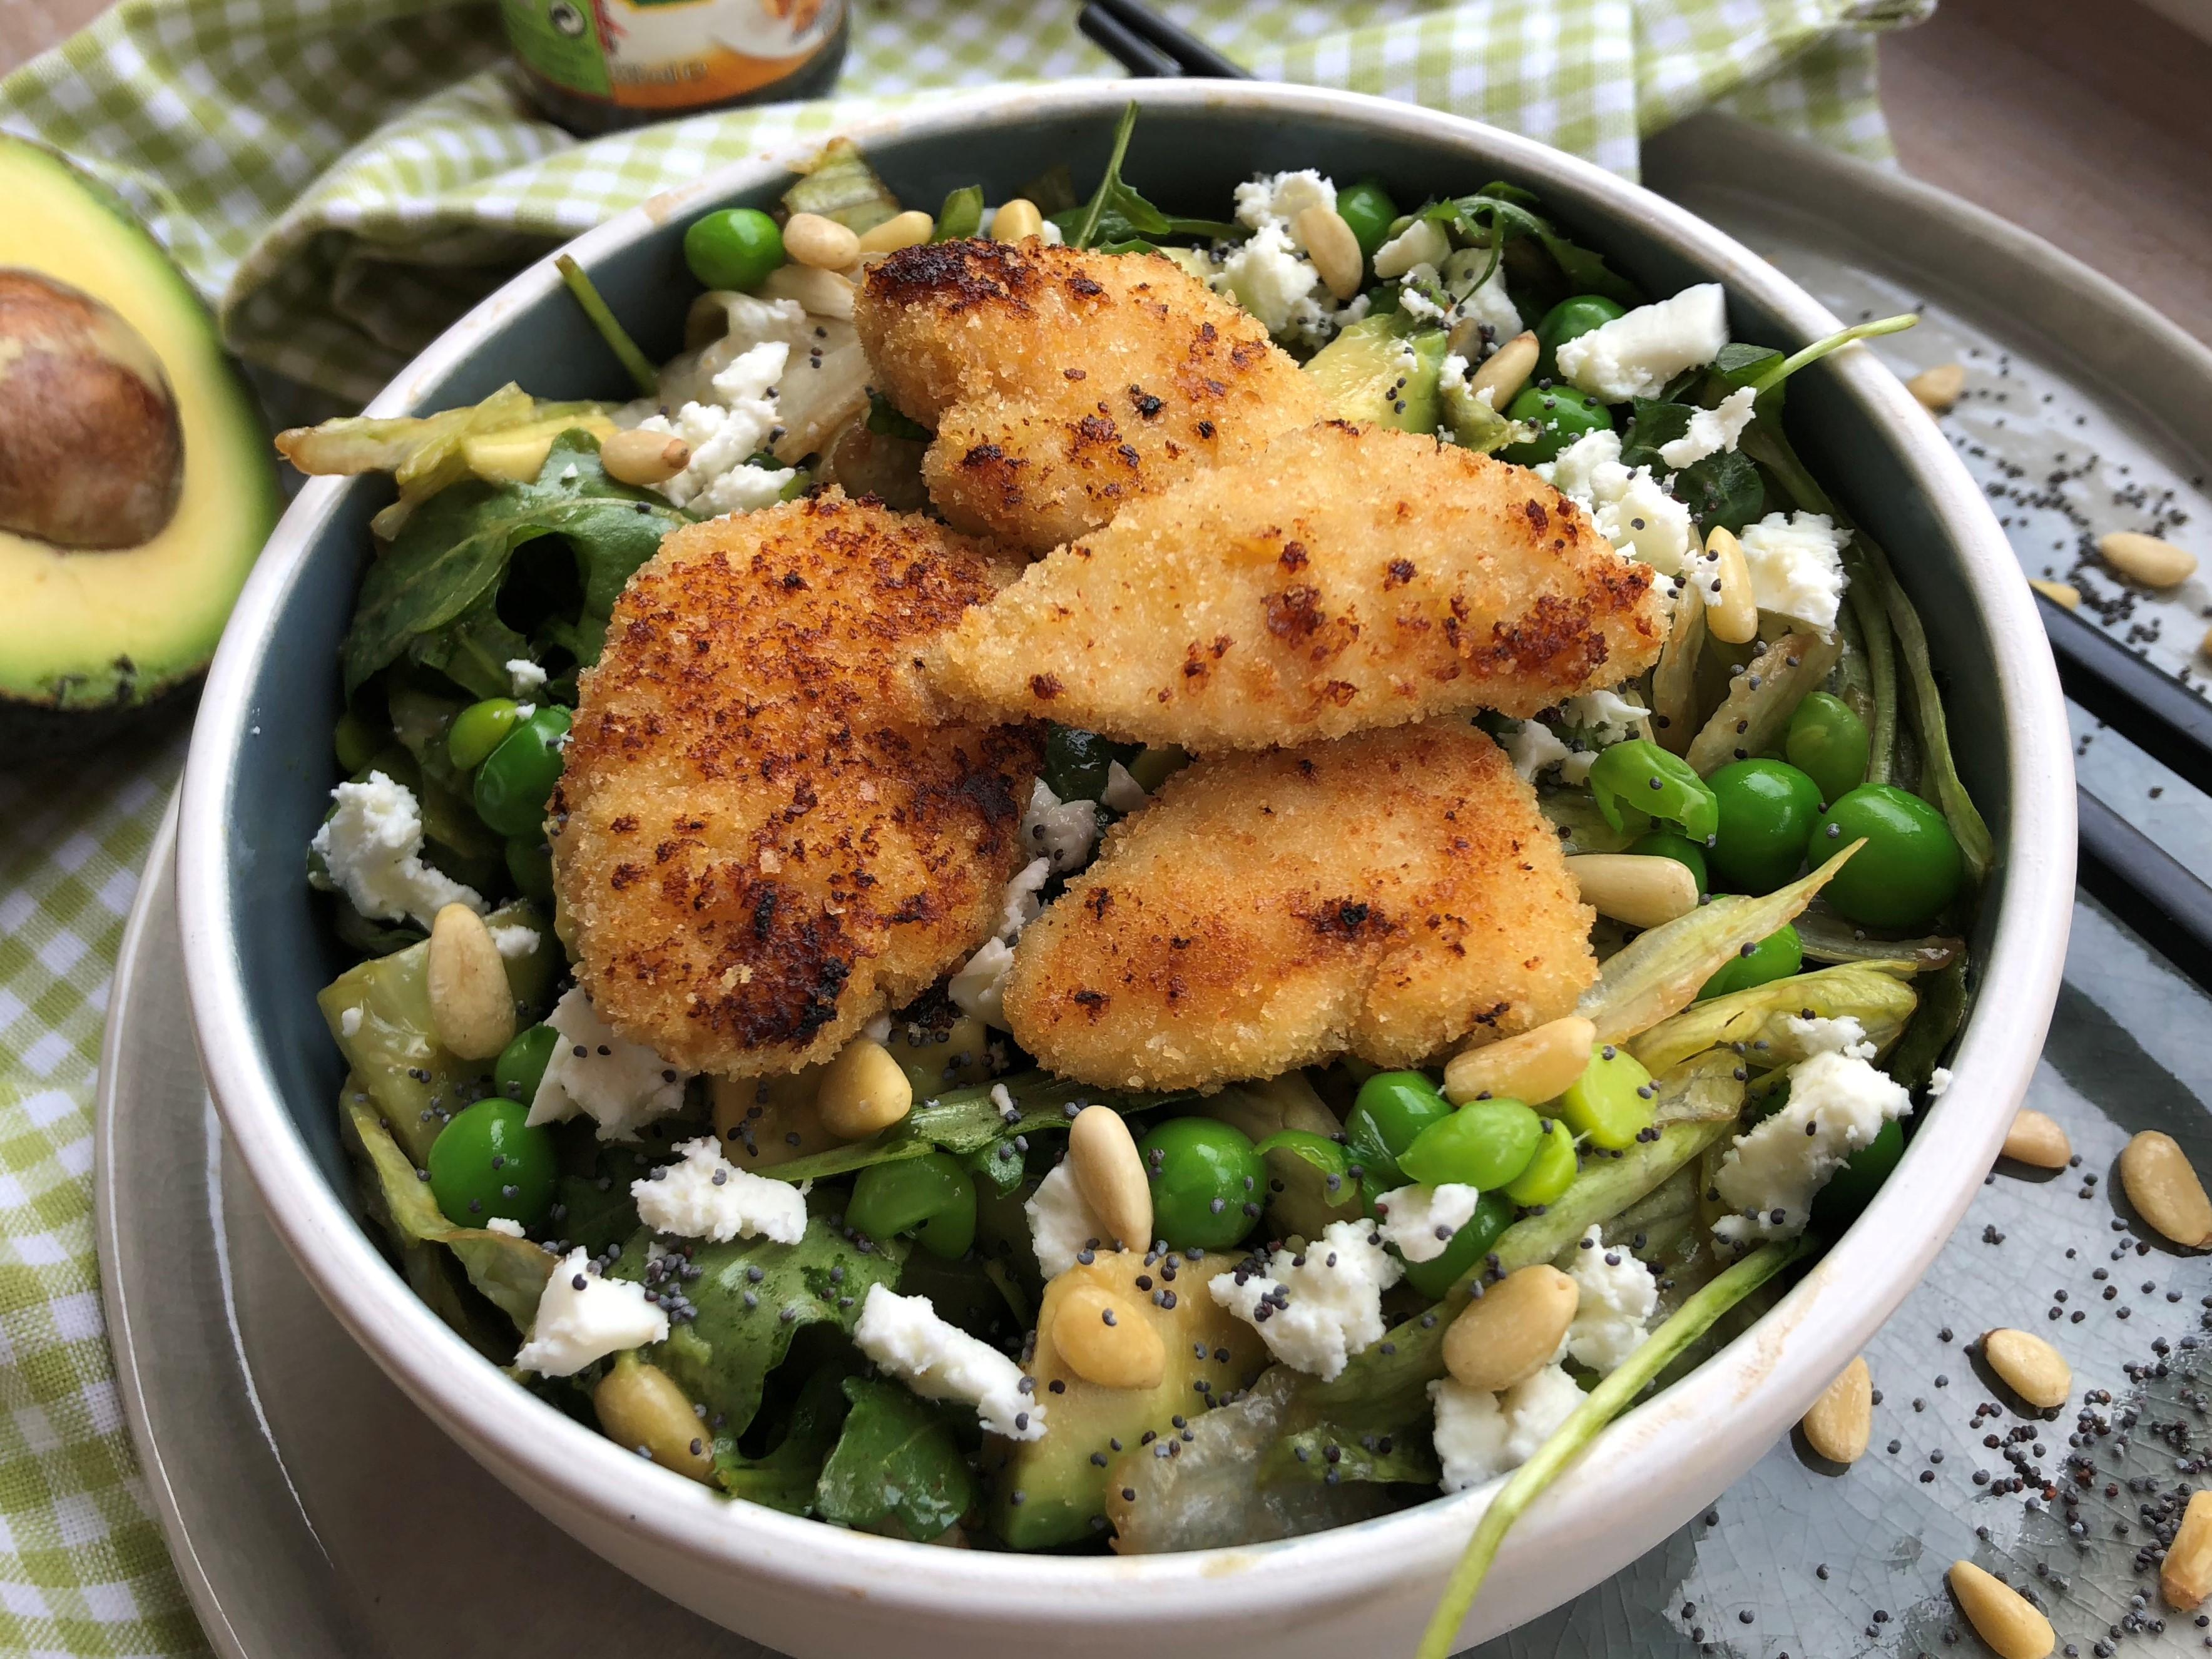 Salade verte au poulet croustillant